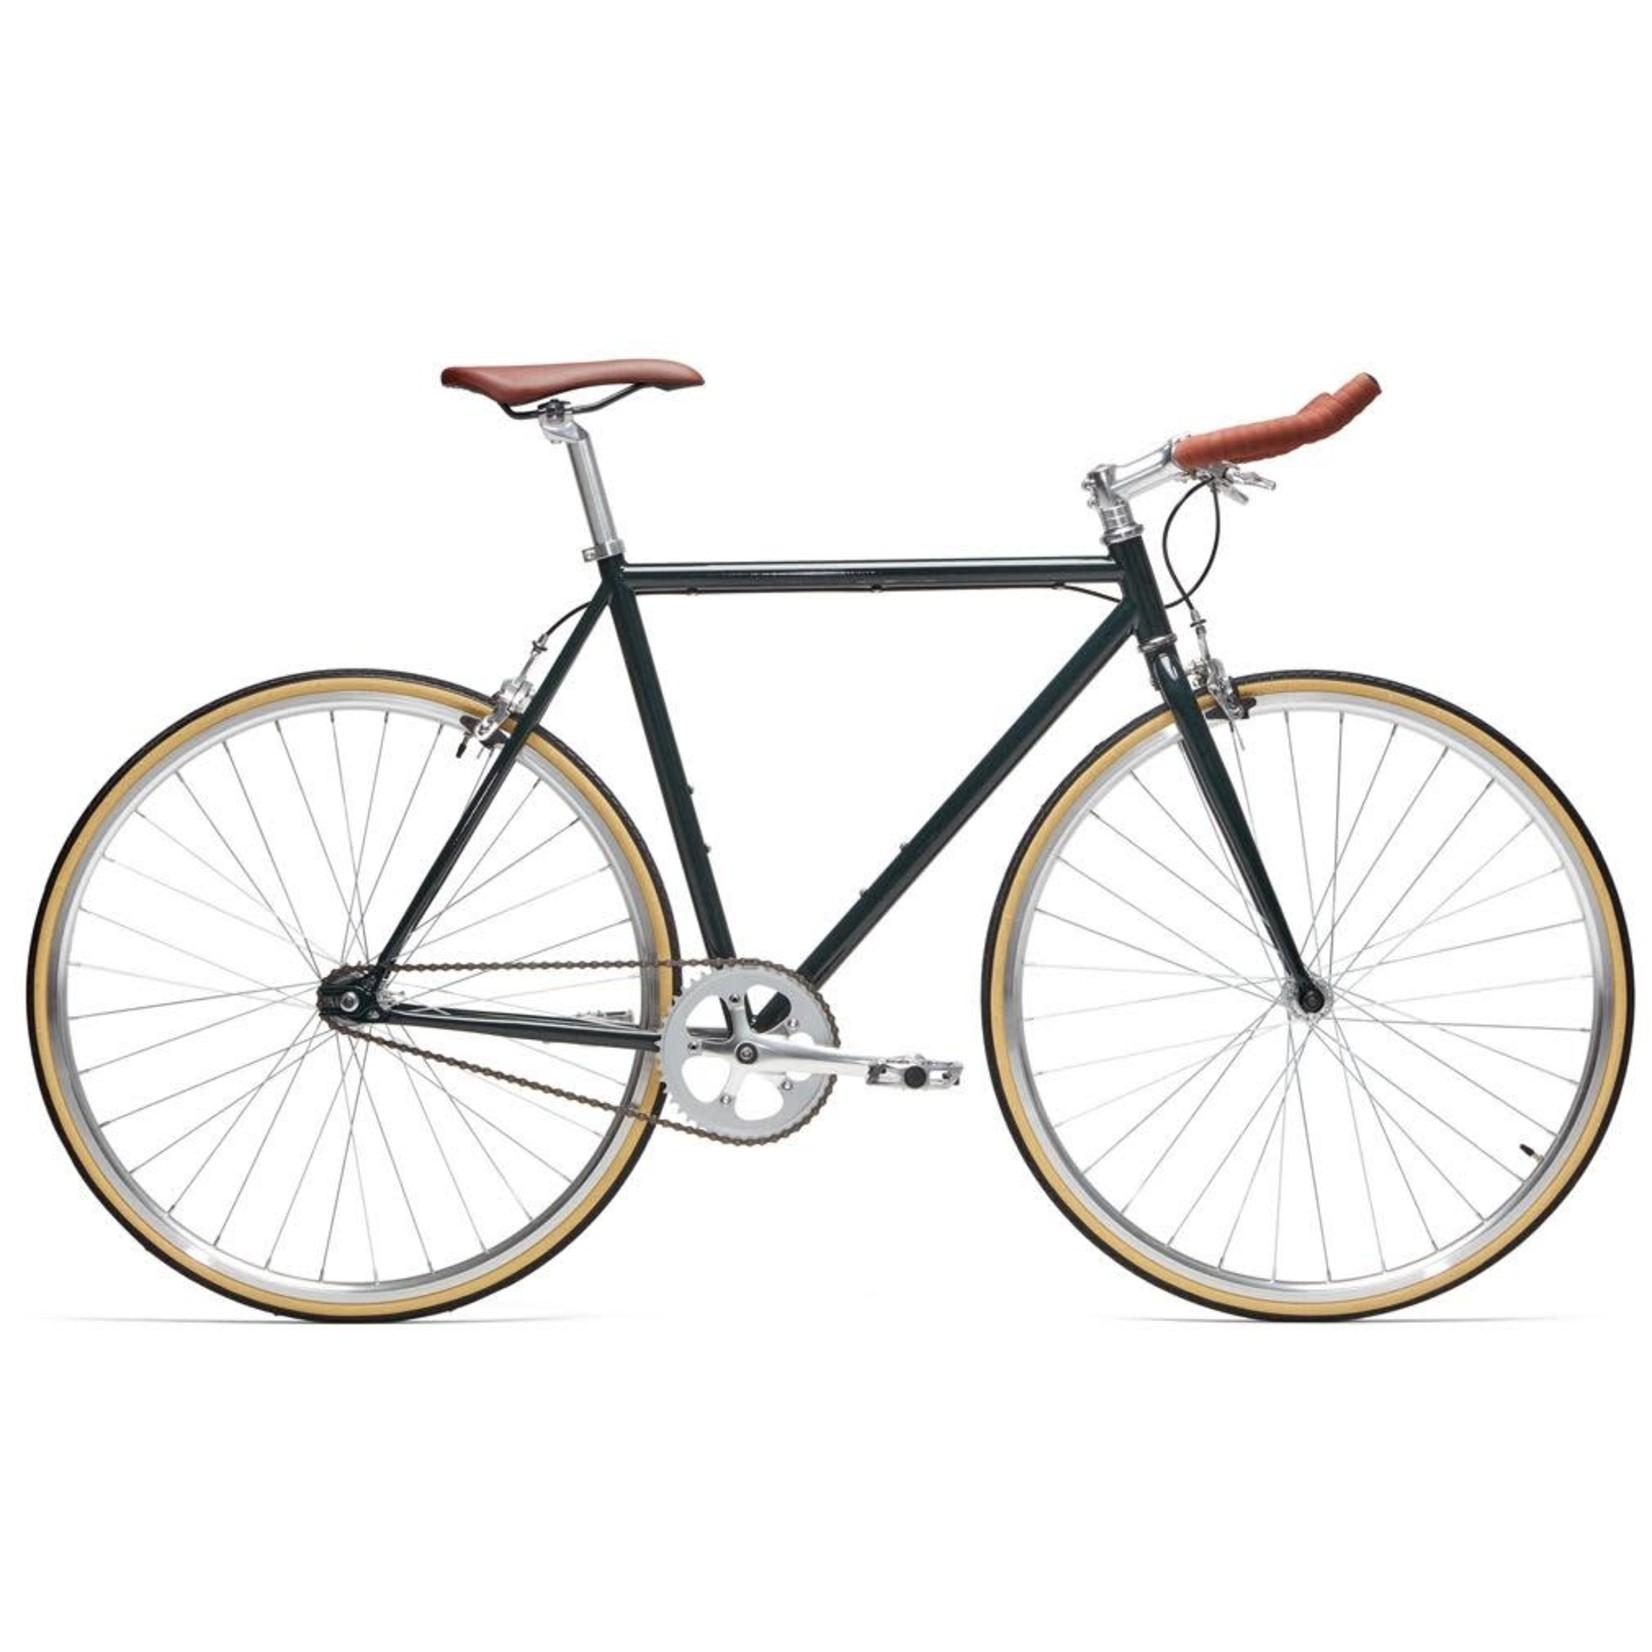 Moose Bicycle Fixie Victoria